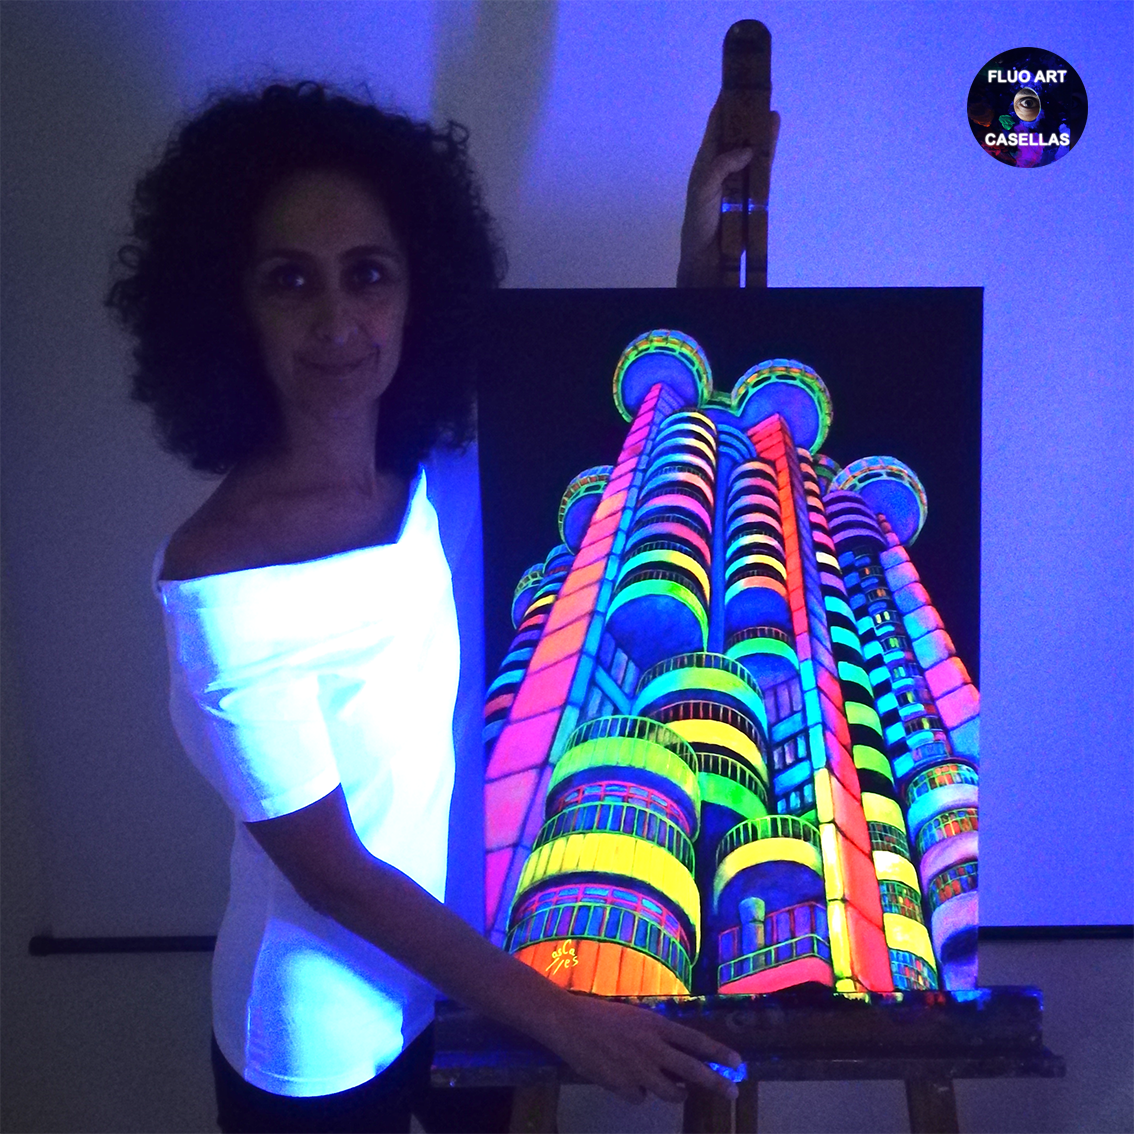 Vicky-Casellas.-Torres-Blancas.-Colección-Night-City-Lights